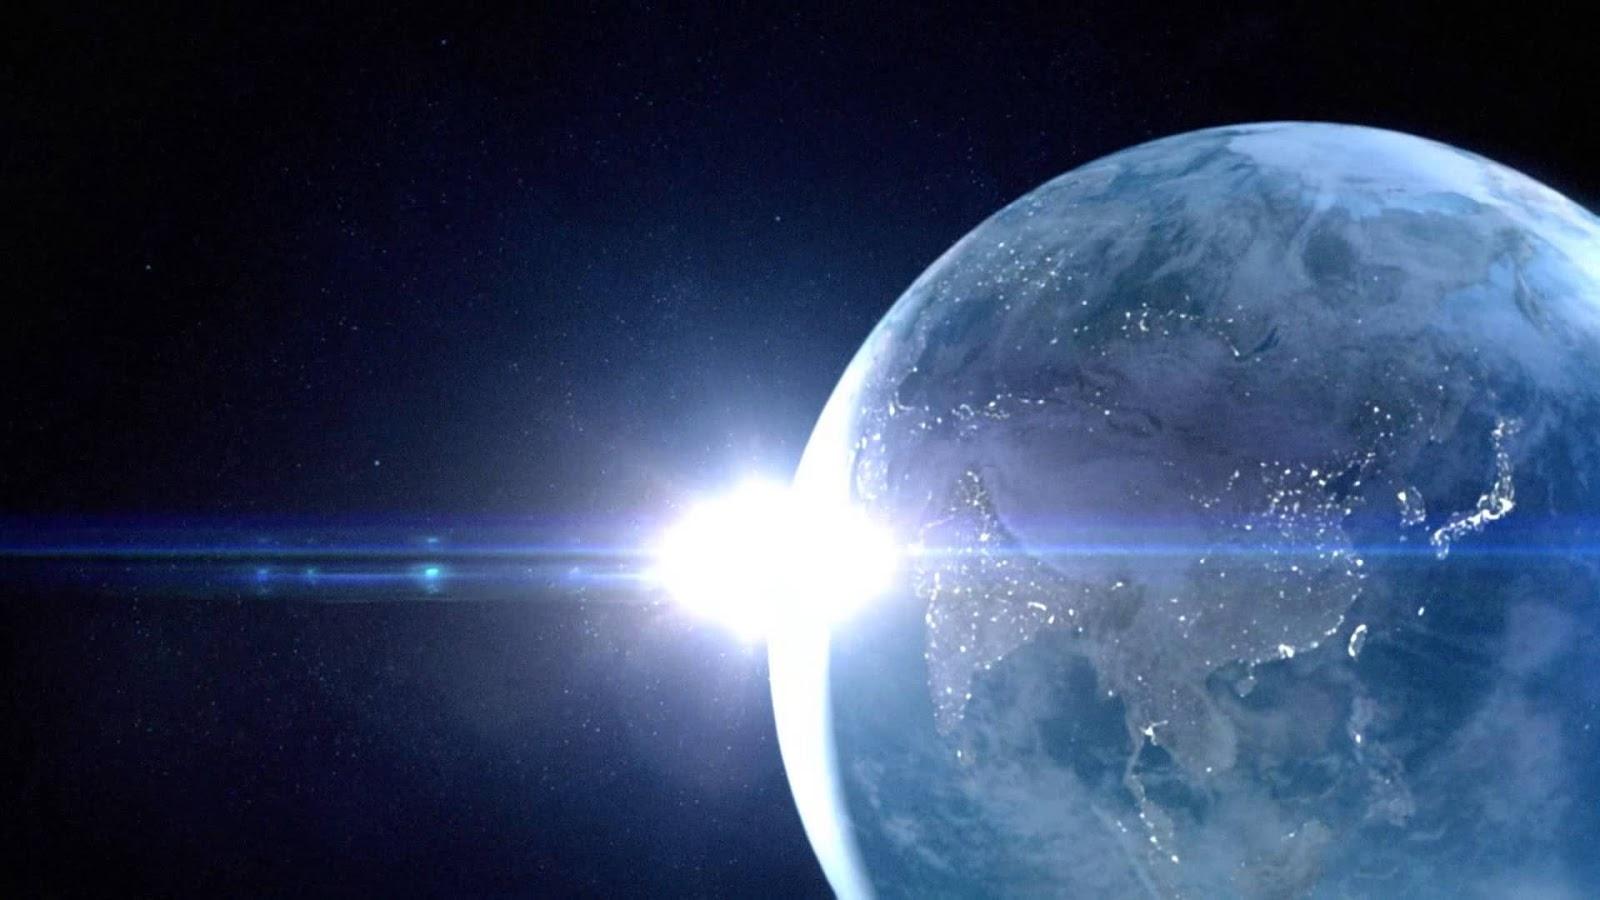 差し込む光の宇宙画像